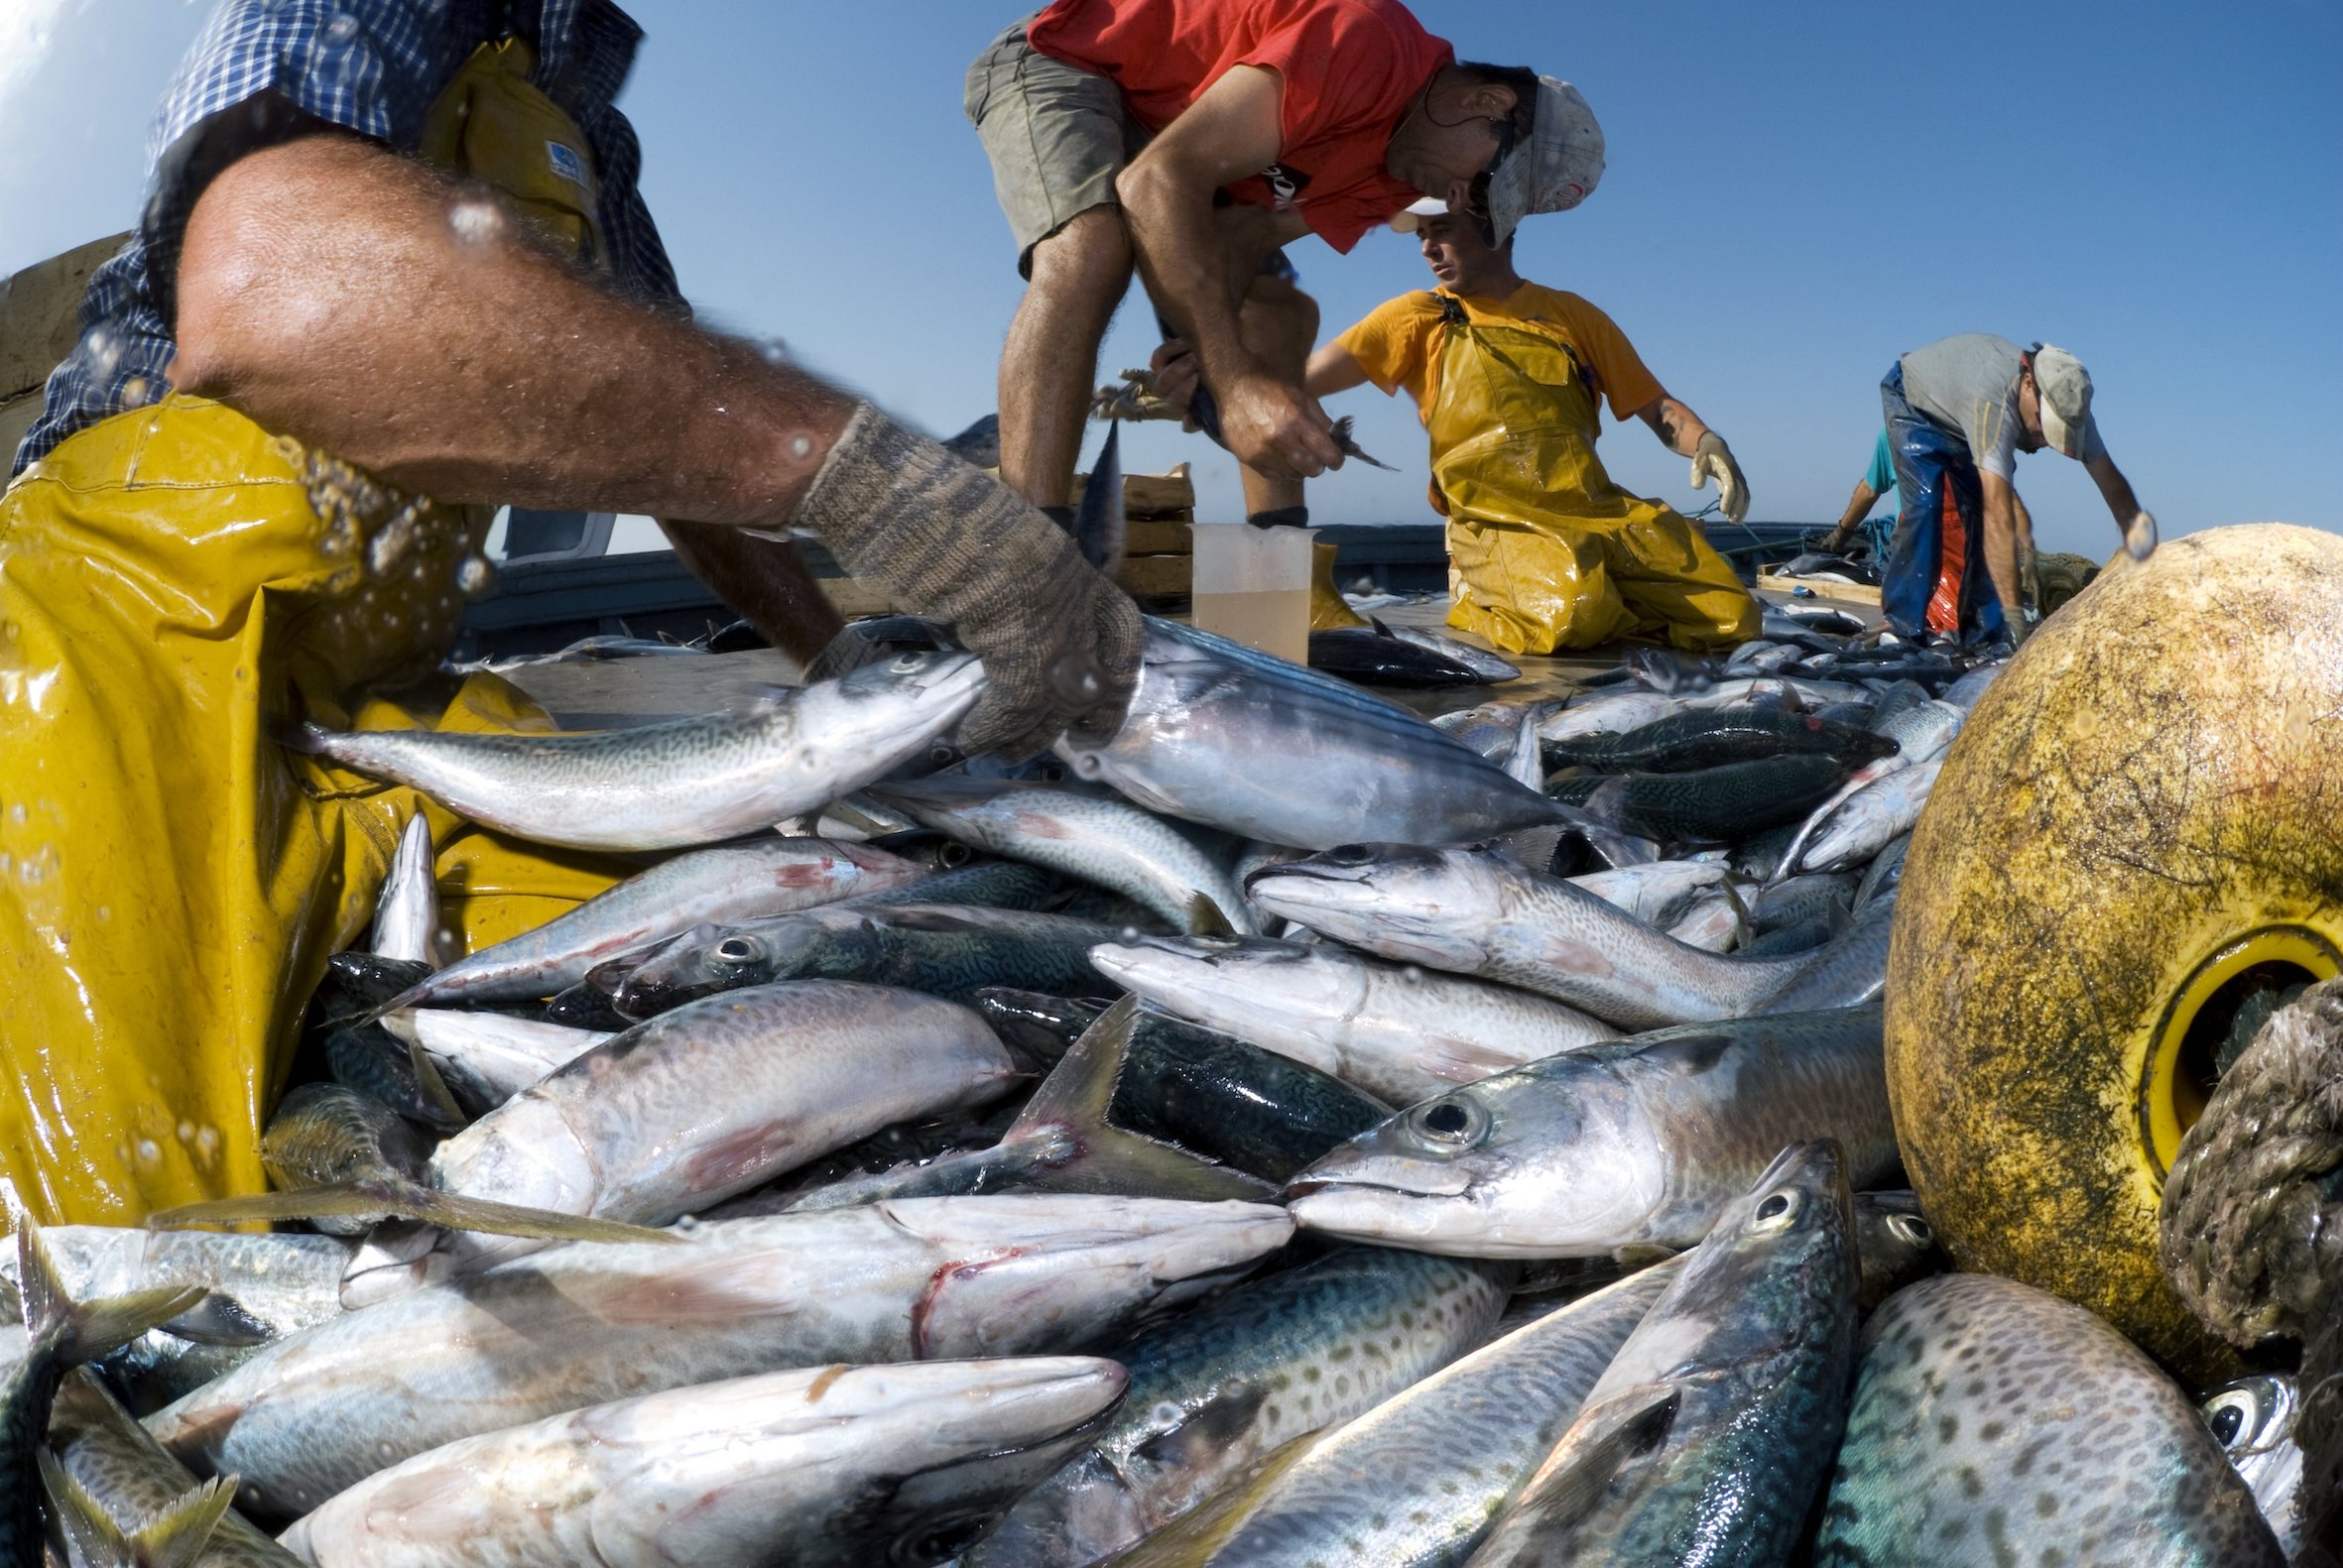 De oorlog om makreel: Hoe klimaatverandering een internationaal conflict op gang bracht - Business AM - NL